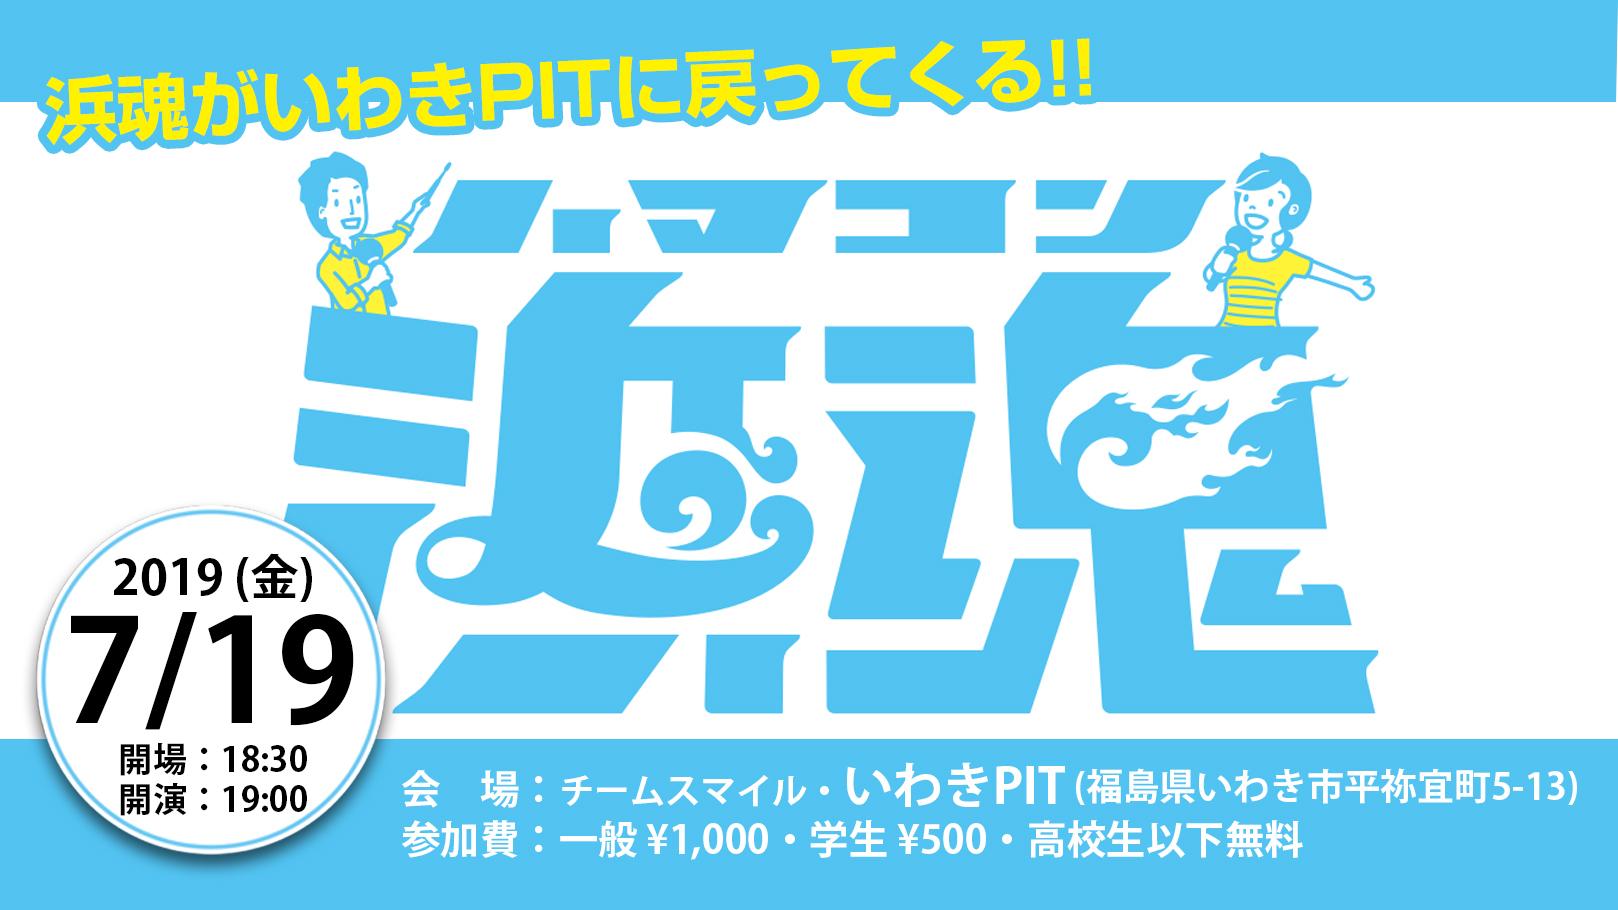 「第26回 浜魂」 開催のお知らせ